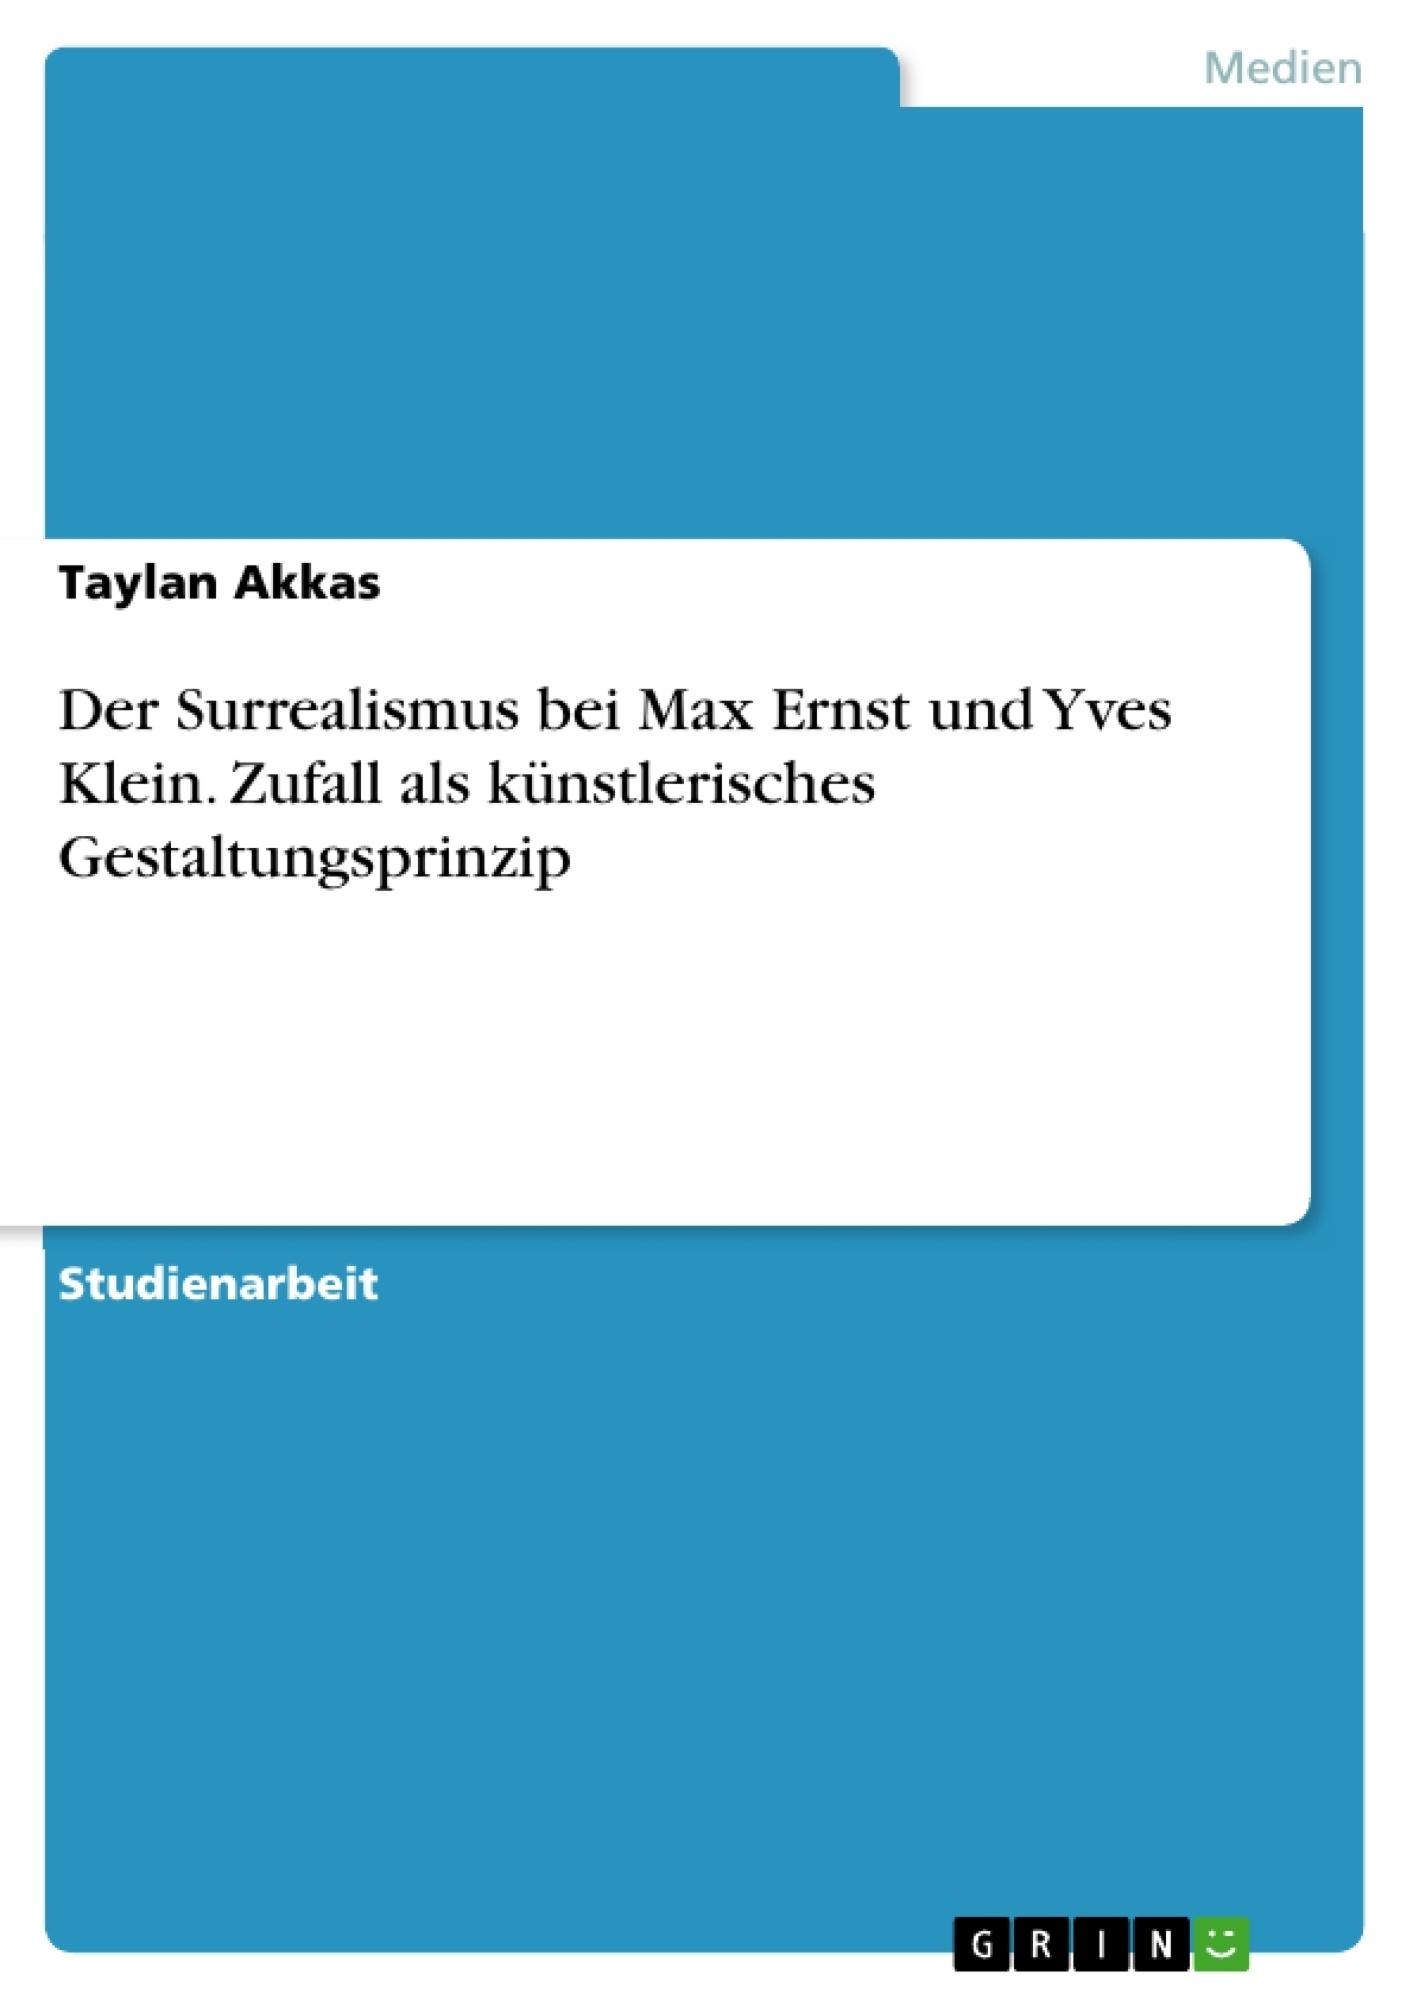 Titel: Der Surrealismus bei Max Ernst und Yves Klein. Zufall als künstlerisches Gestaltungsprinzip